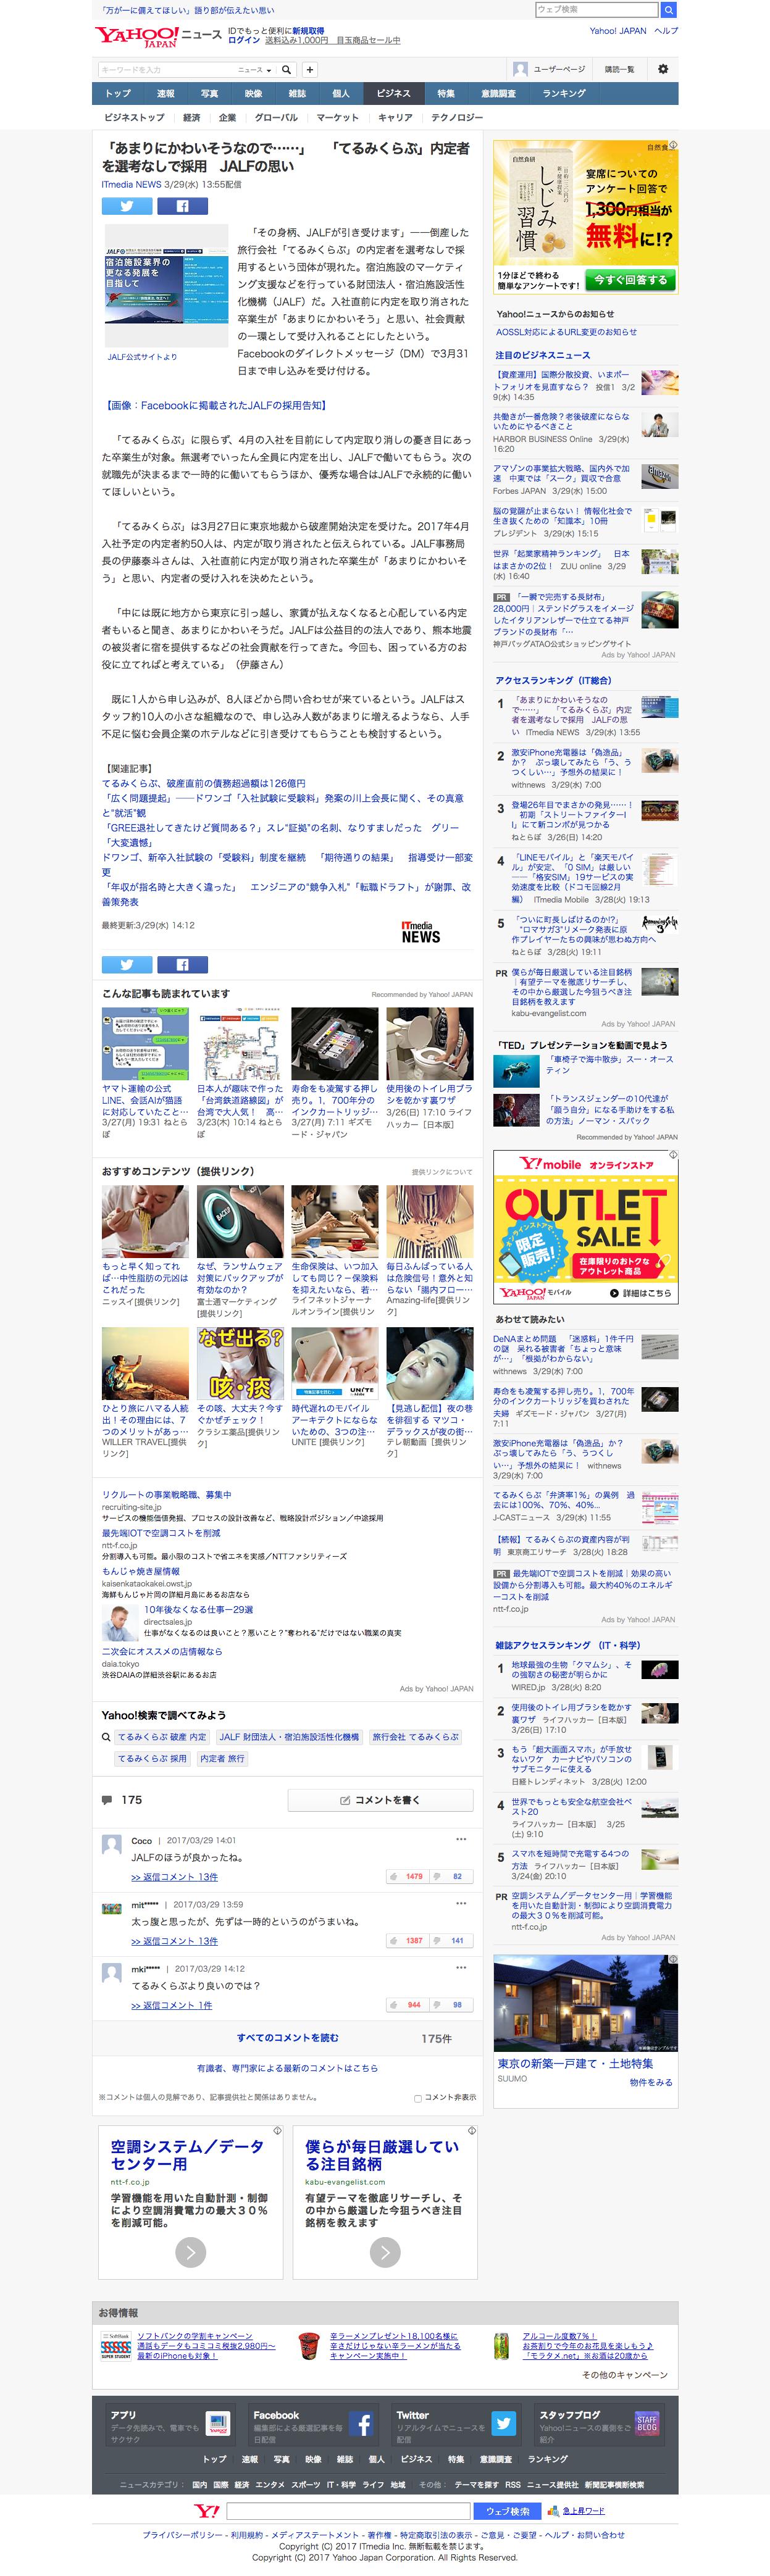 20170329 Yahoo!ニュース